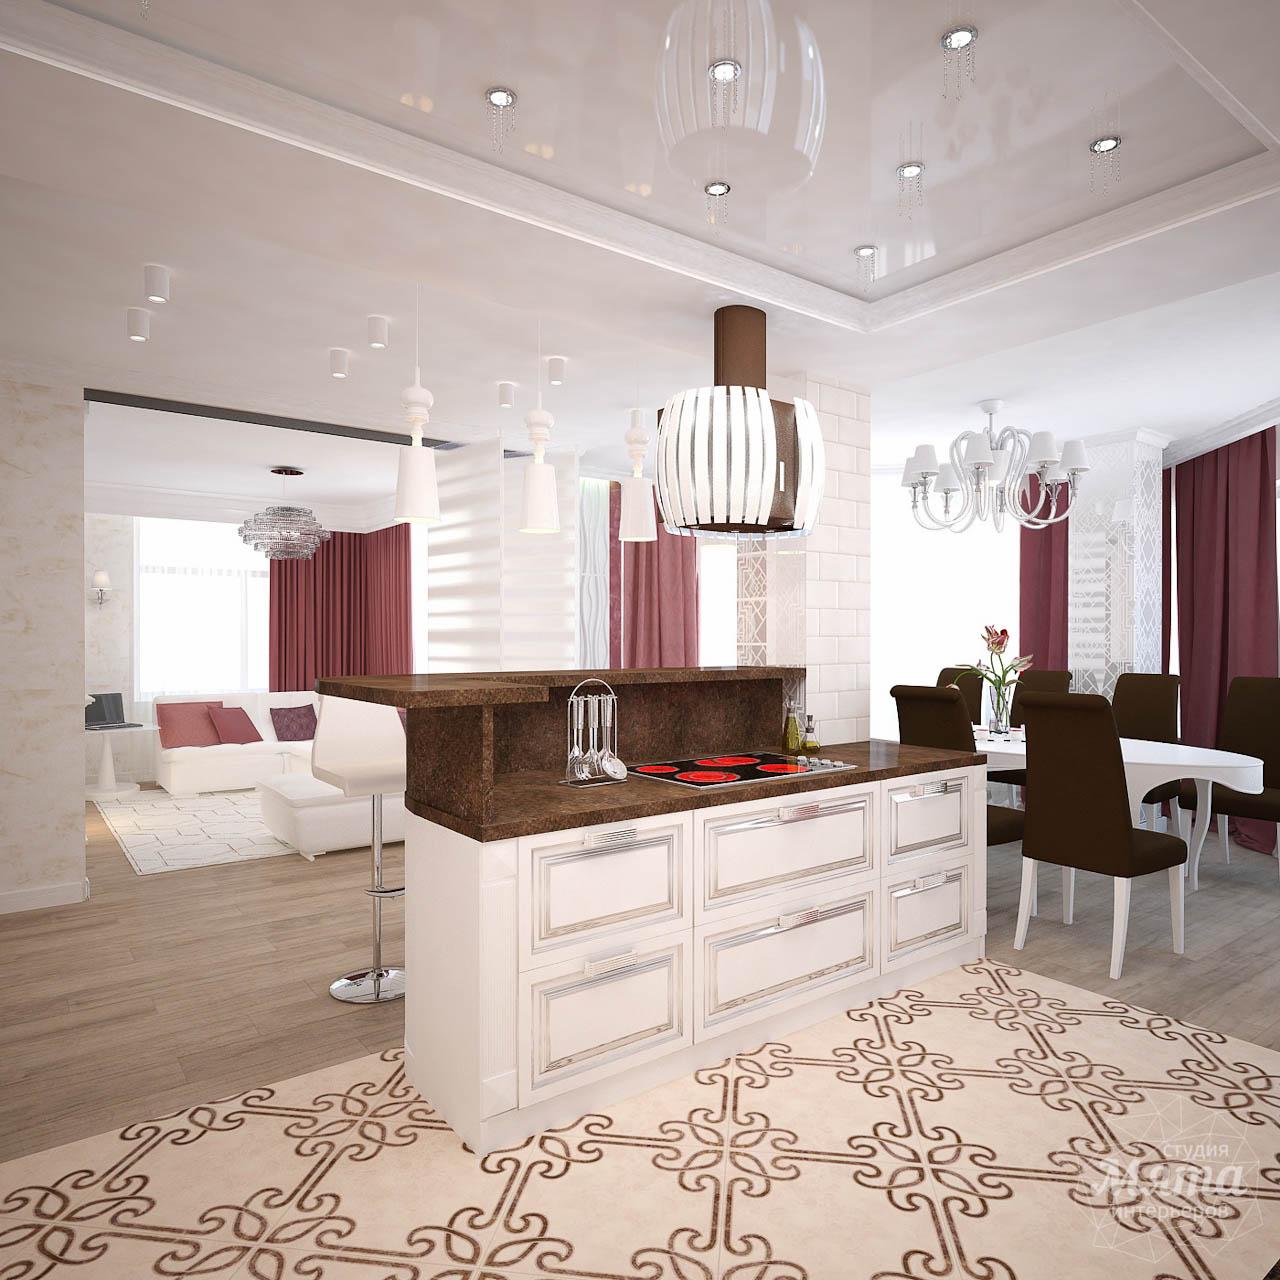 Дизайн интерьера четырехкомнатной квартиры по ул. Шевченко 18 img1918249860